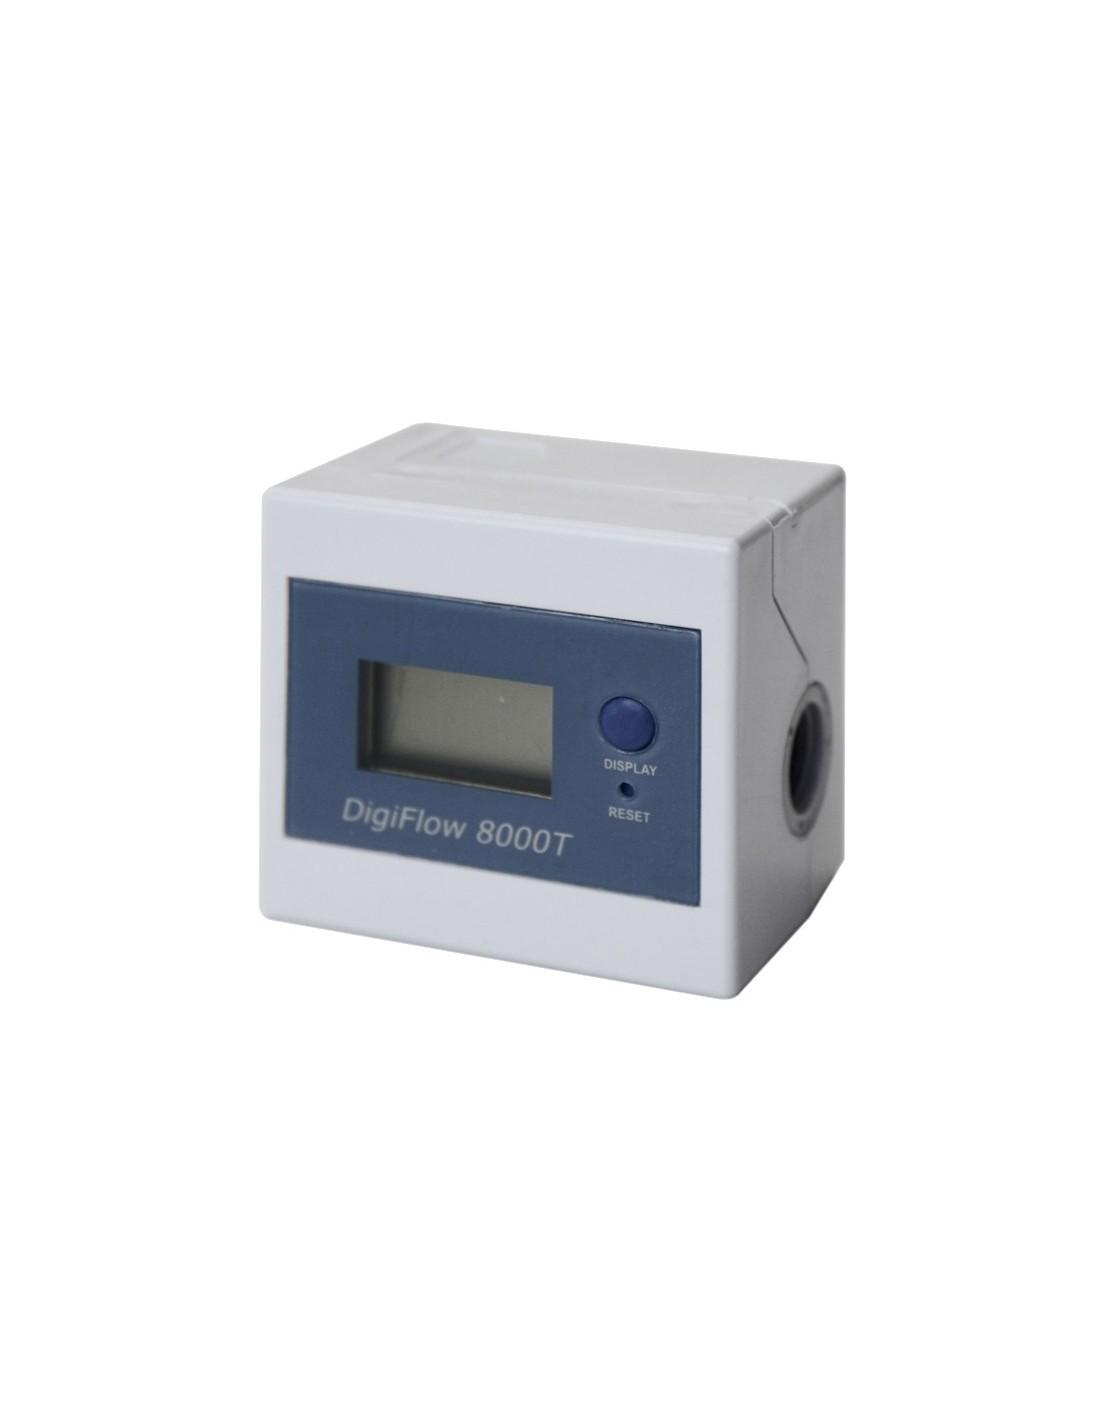 UPP00117 - Tillbehör - Blupura Digital vattenmätare 8000T